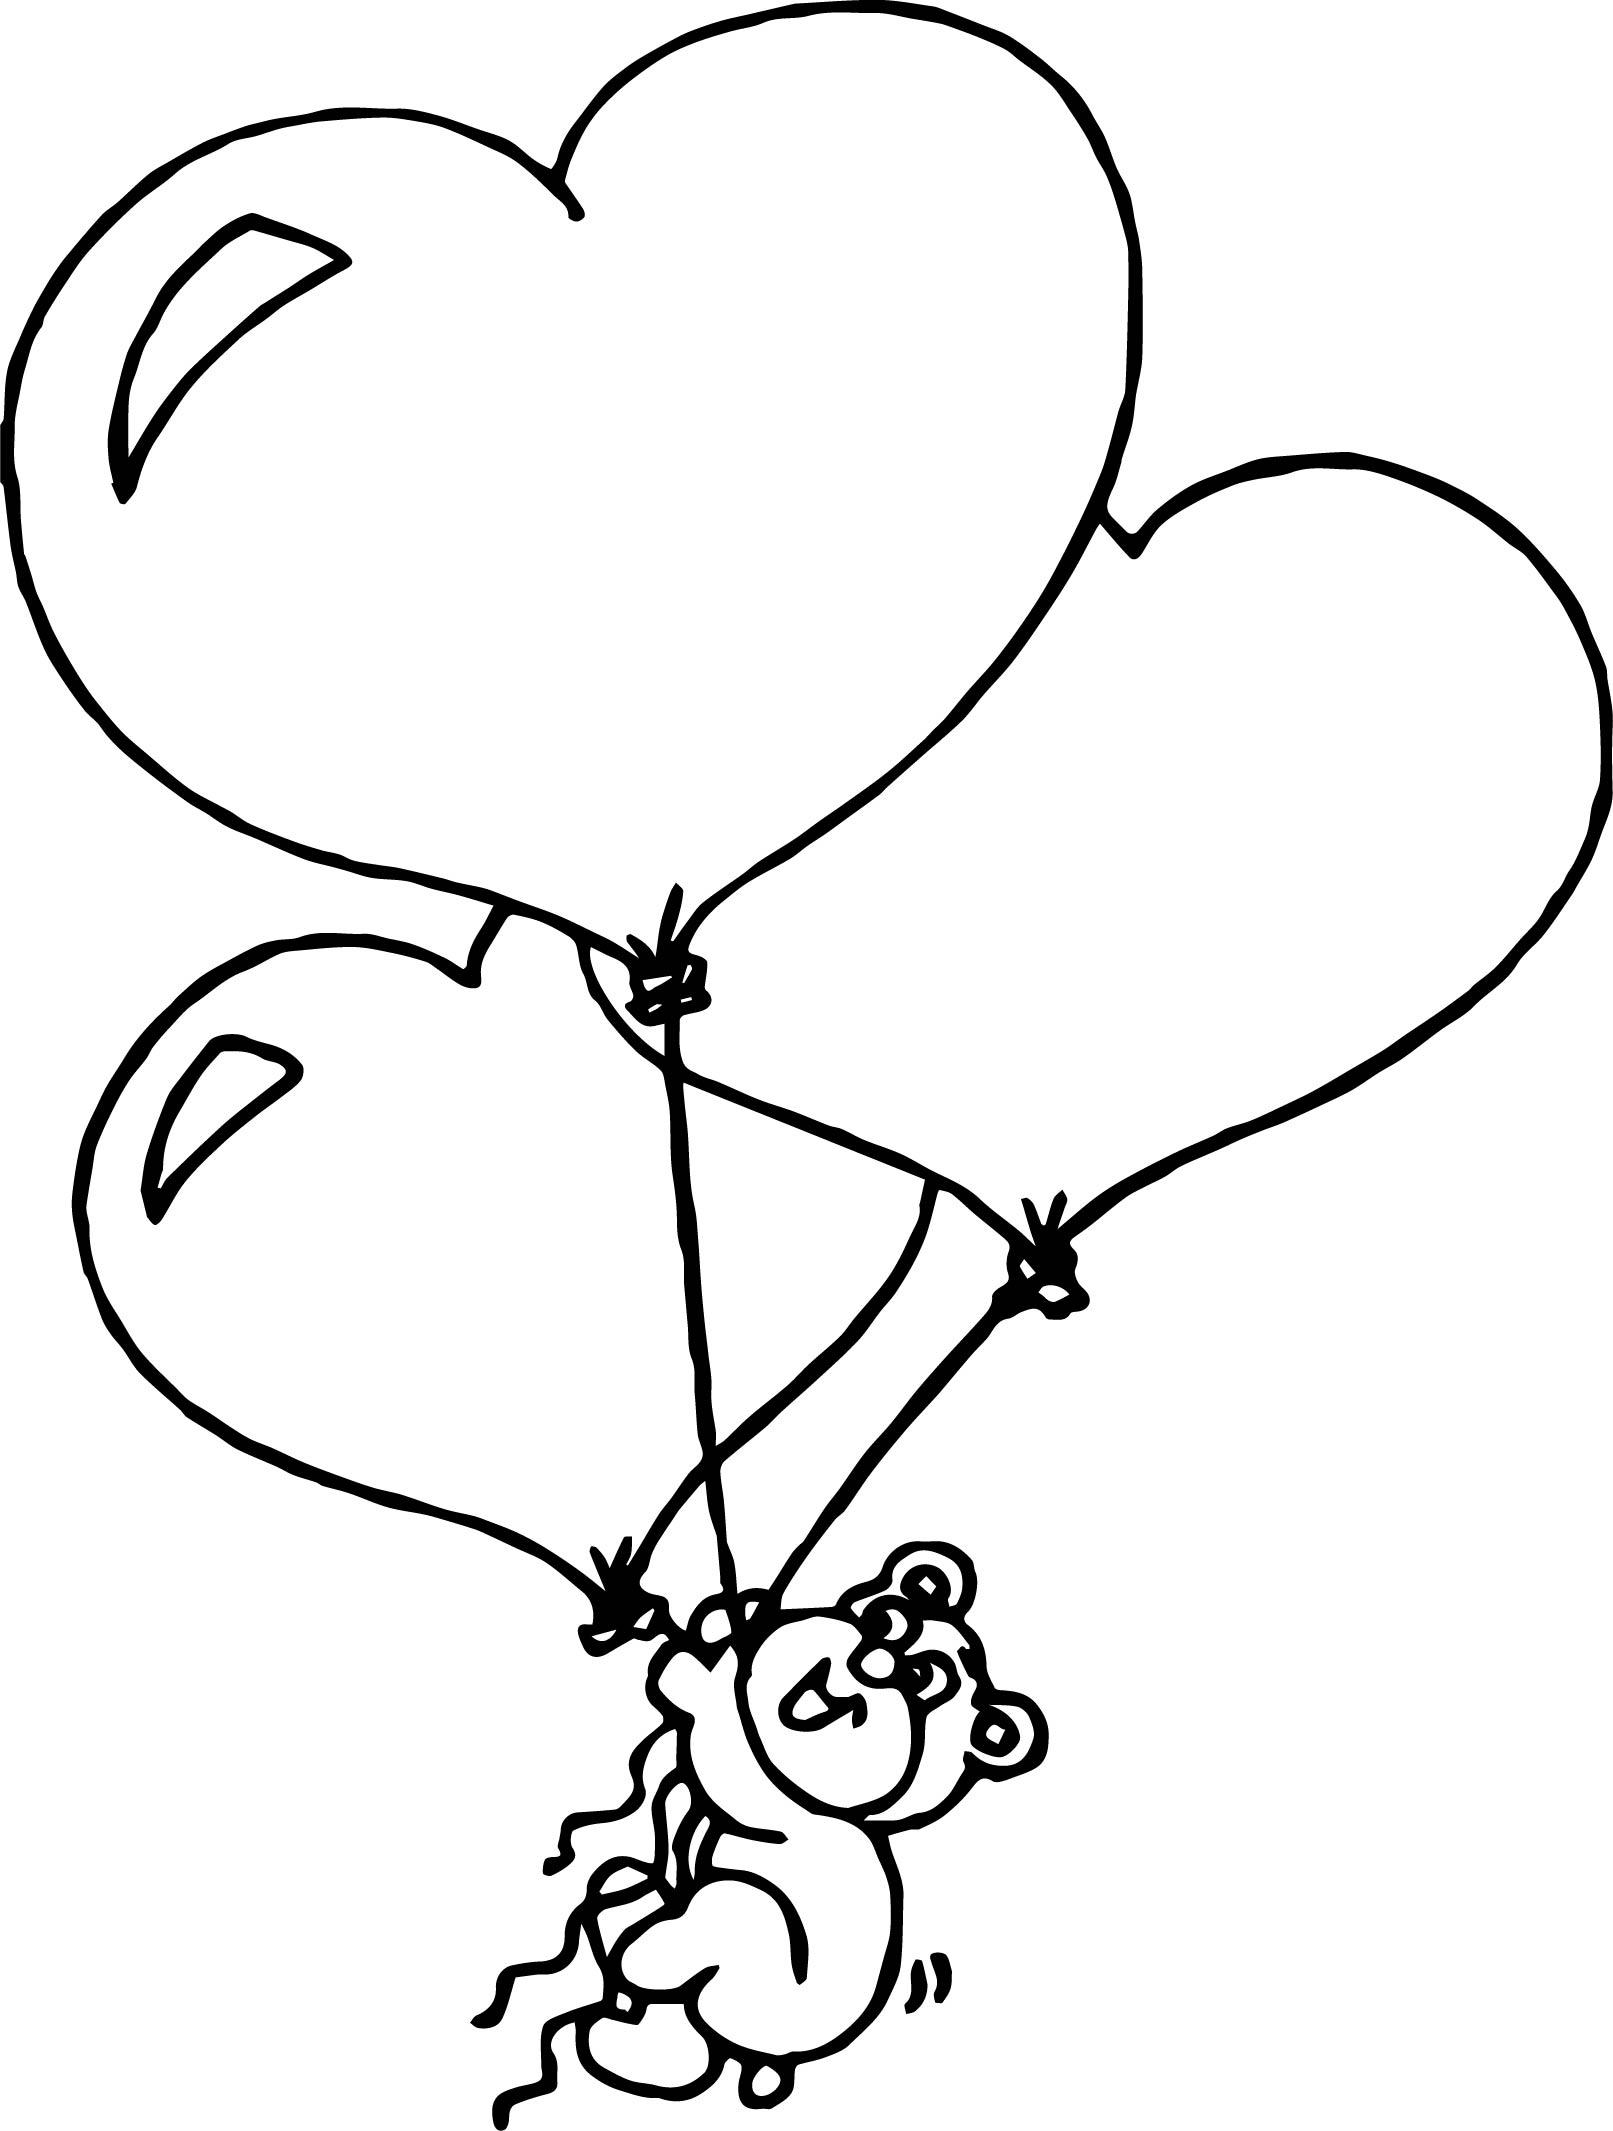 Three Balloons Bear Coloring Page